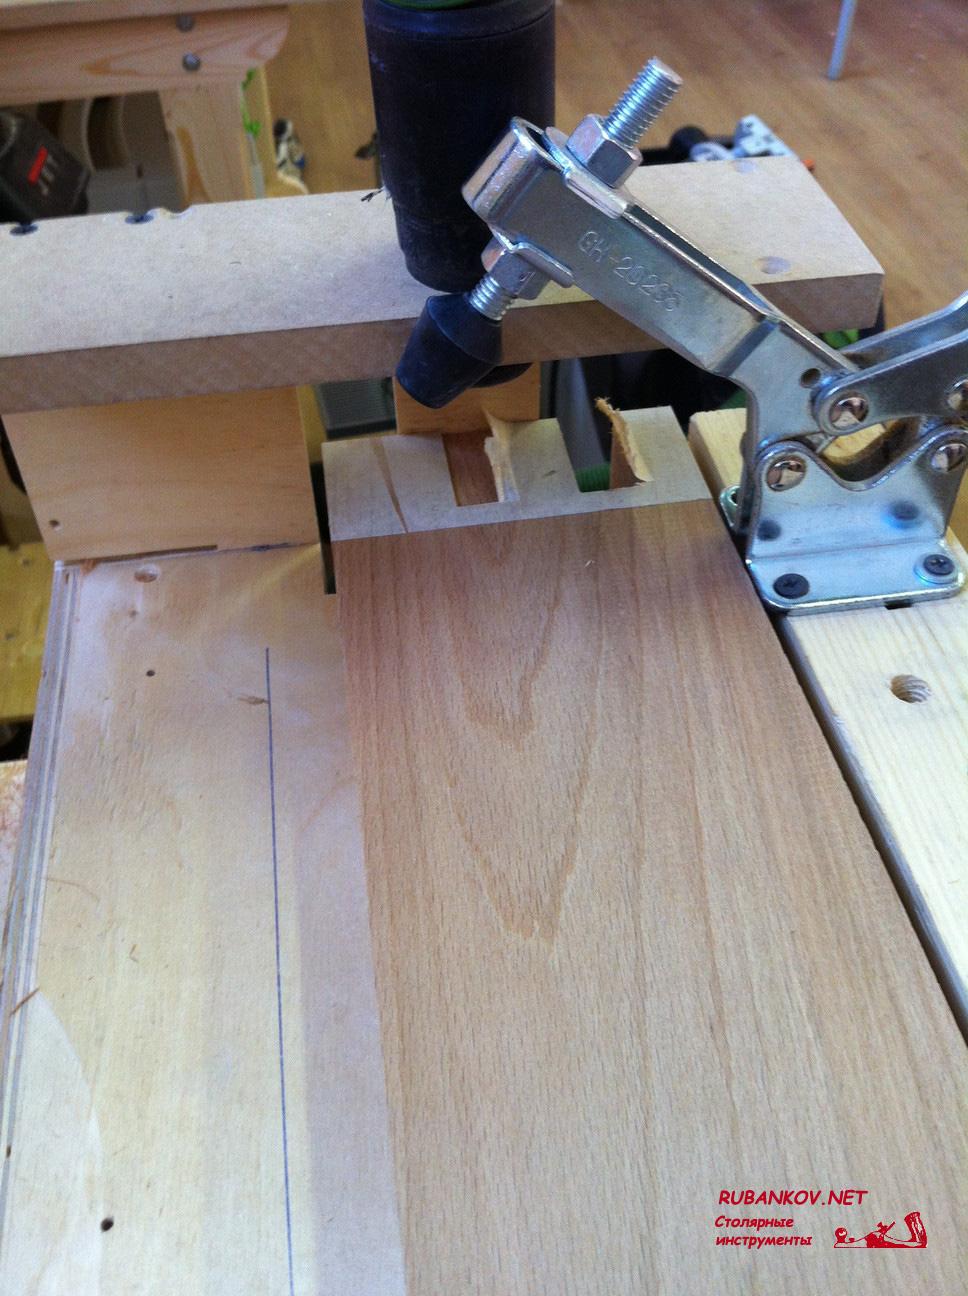 Шаблоны для фрезера для петель: инструкция по использованию 1